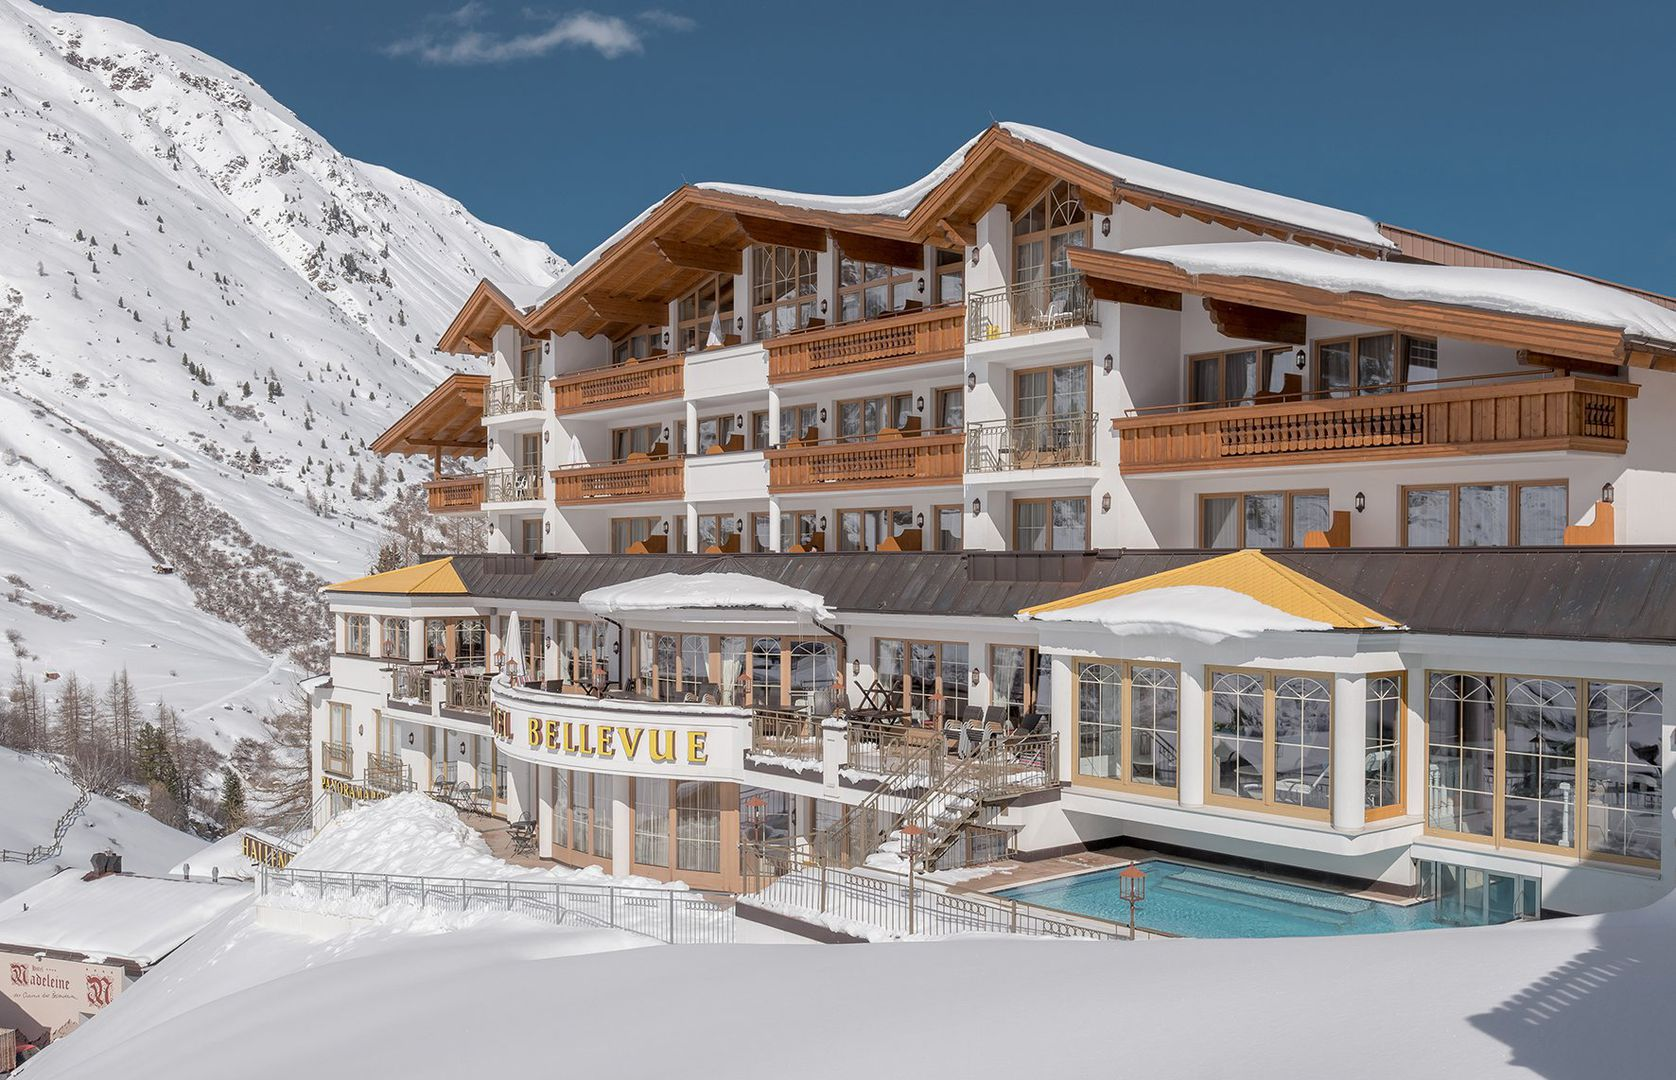 Slide1 - Hotel Austria & Bellevue